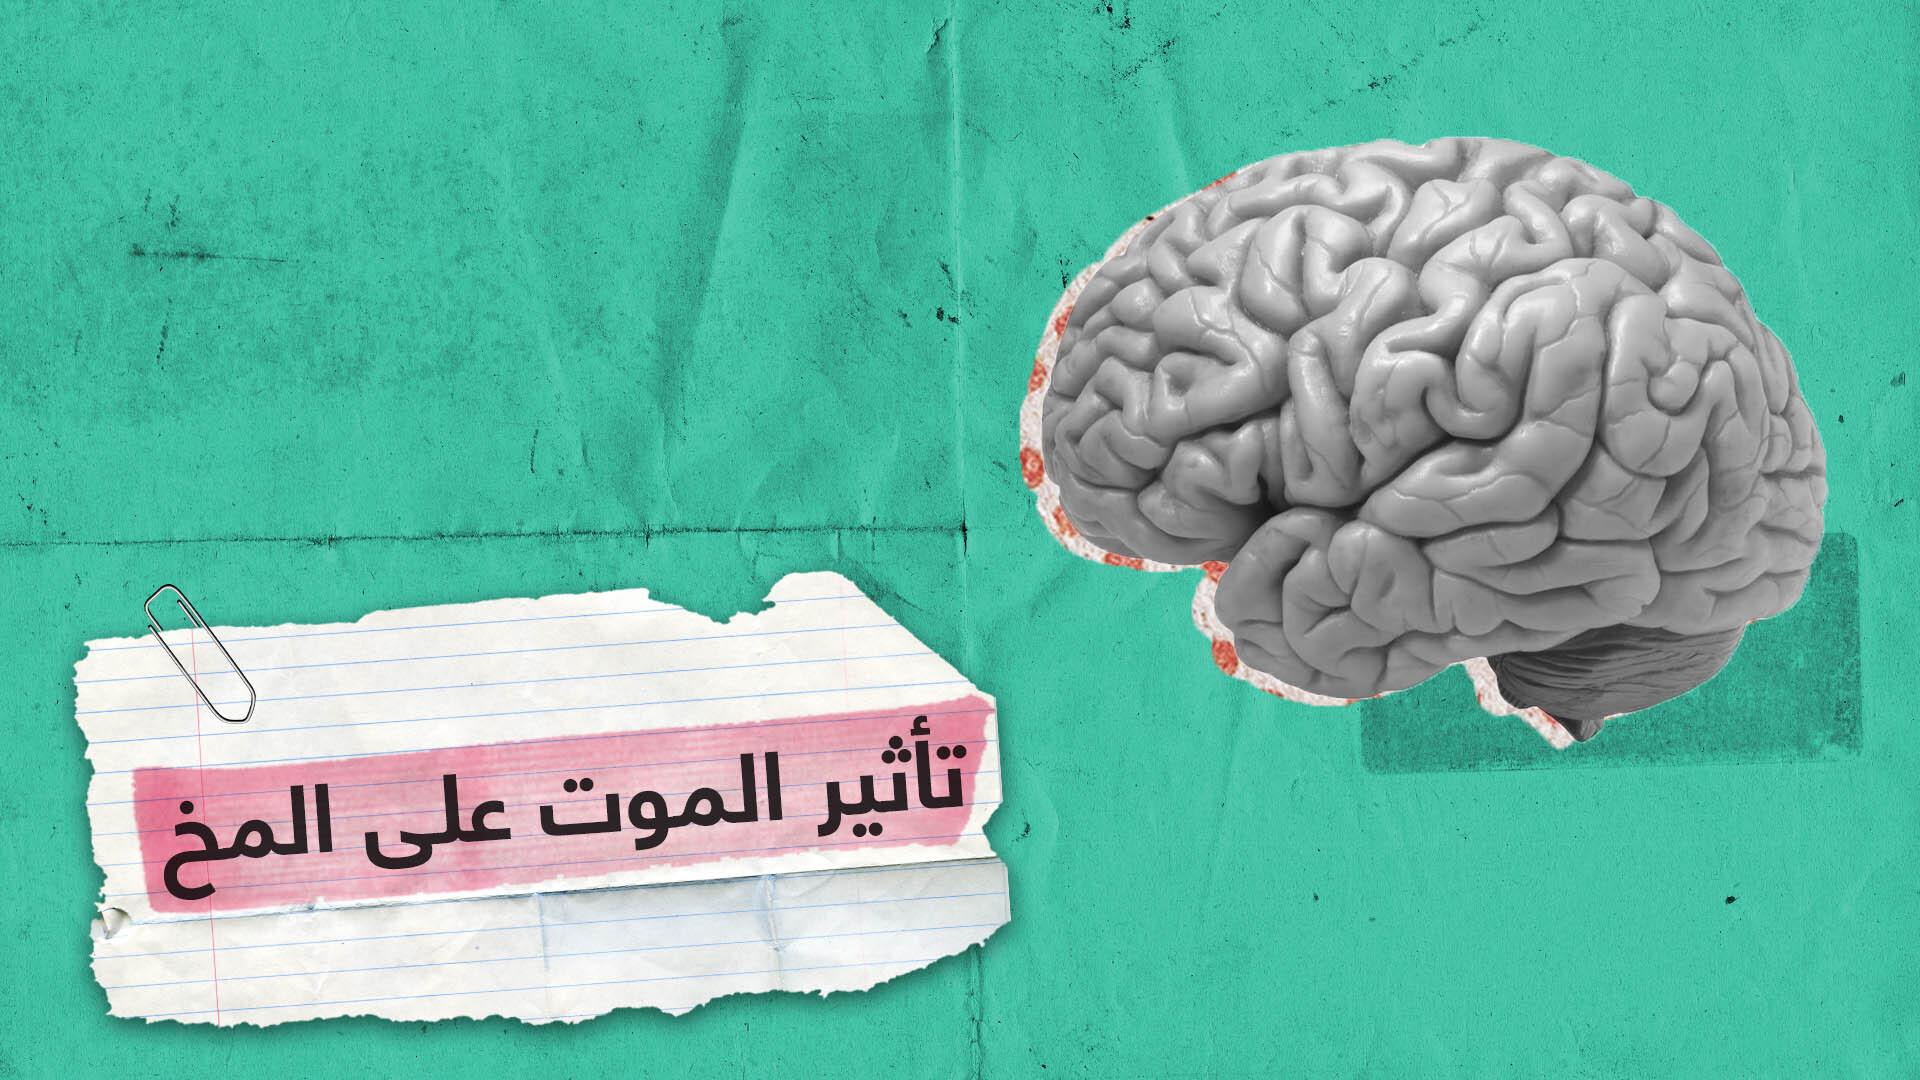 دراسة إسرائيلية: المخ يحاول جاهدا منع الإنسان من التفكير في الموت